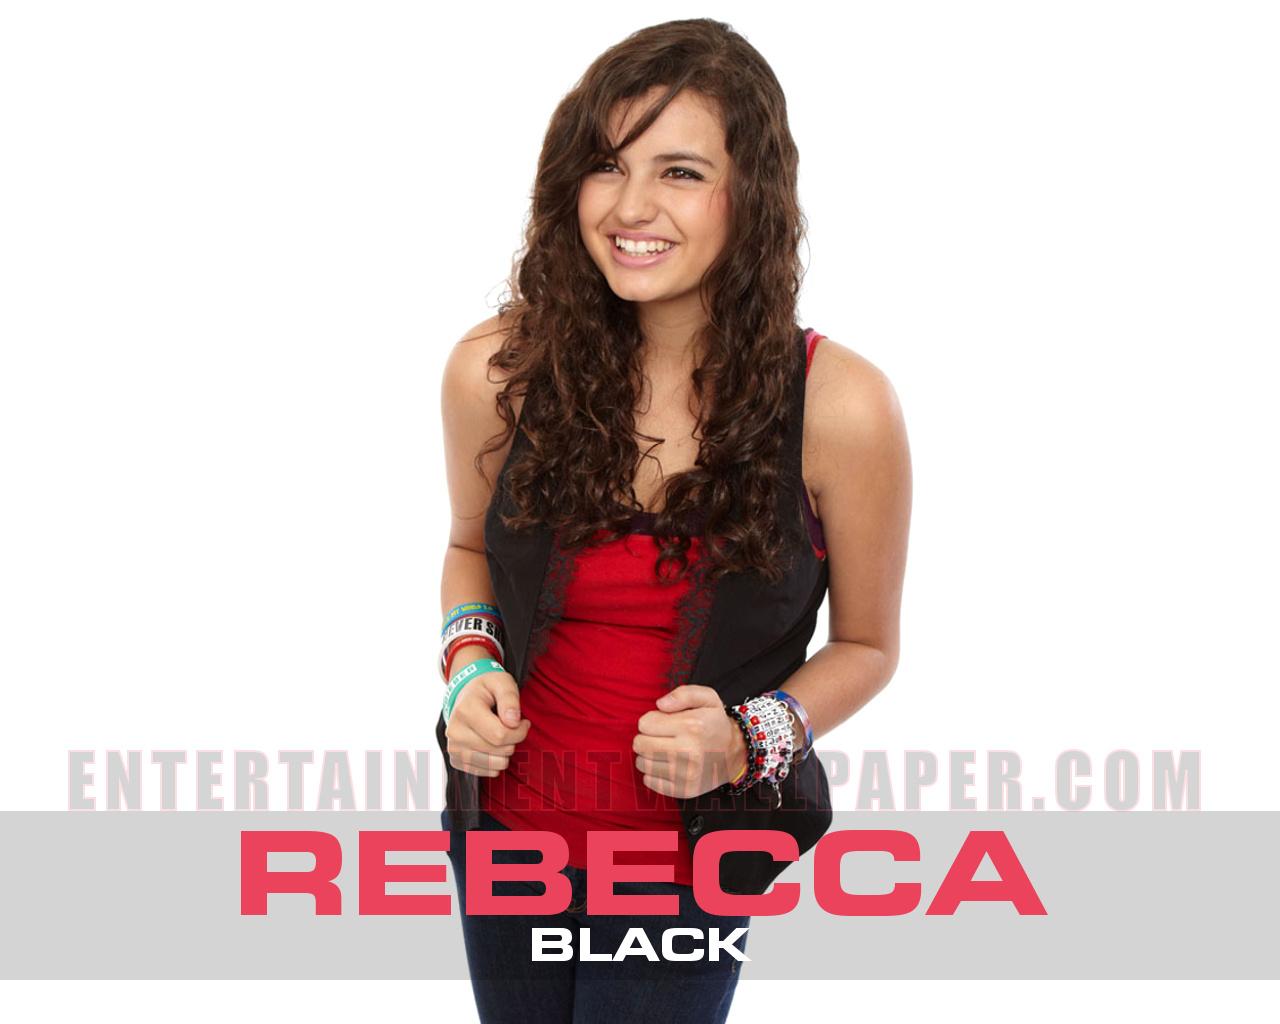 http://2.bp.blogspot.com/-UQkdXF9r83w/UDU8Kh3k8HI/AAAAAAAAP_I/FMGtFdrH2H8/s1600/Rebecca+Black+Wallpapers+-+Www.10Pixeles.Com+%2810%29.jpg